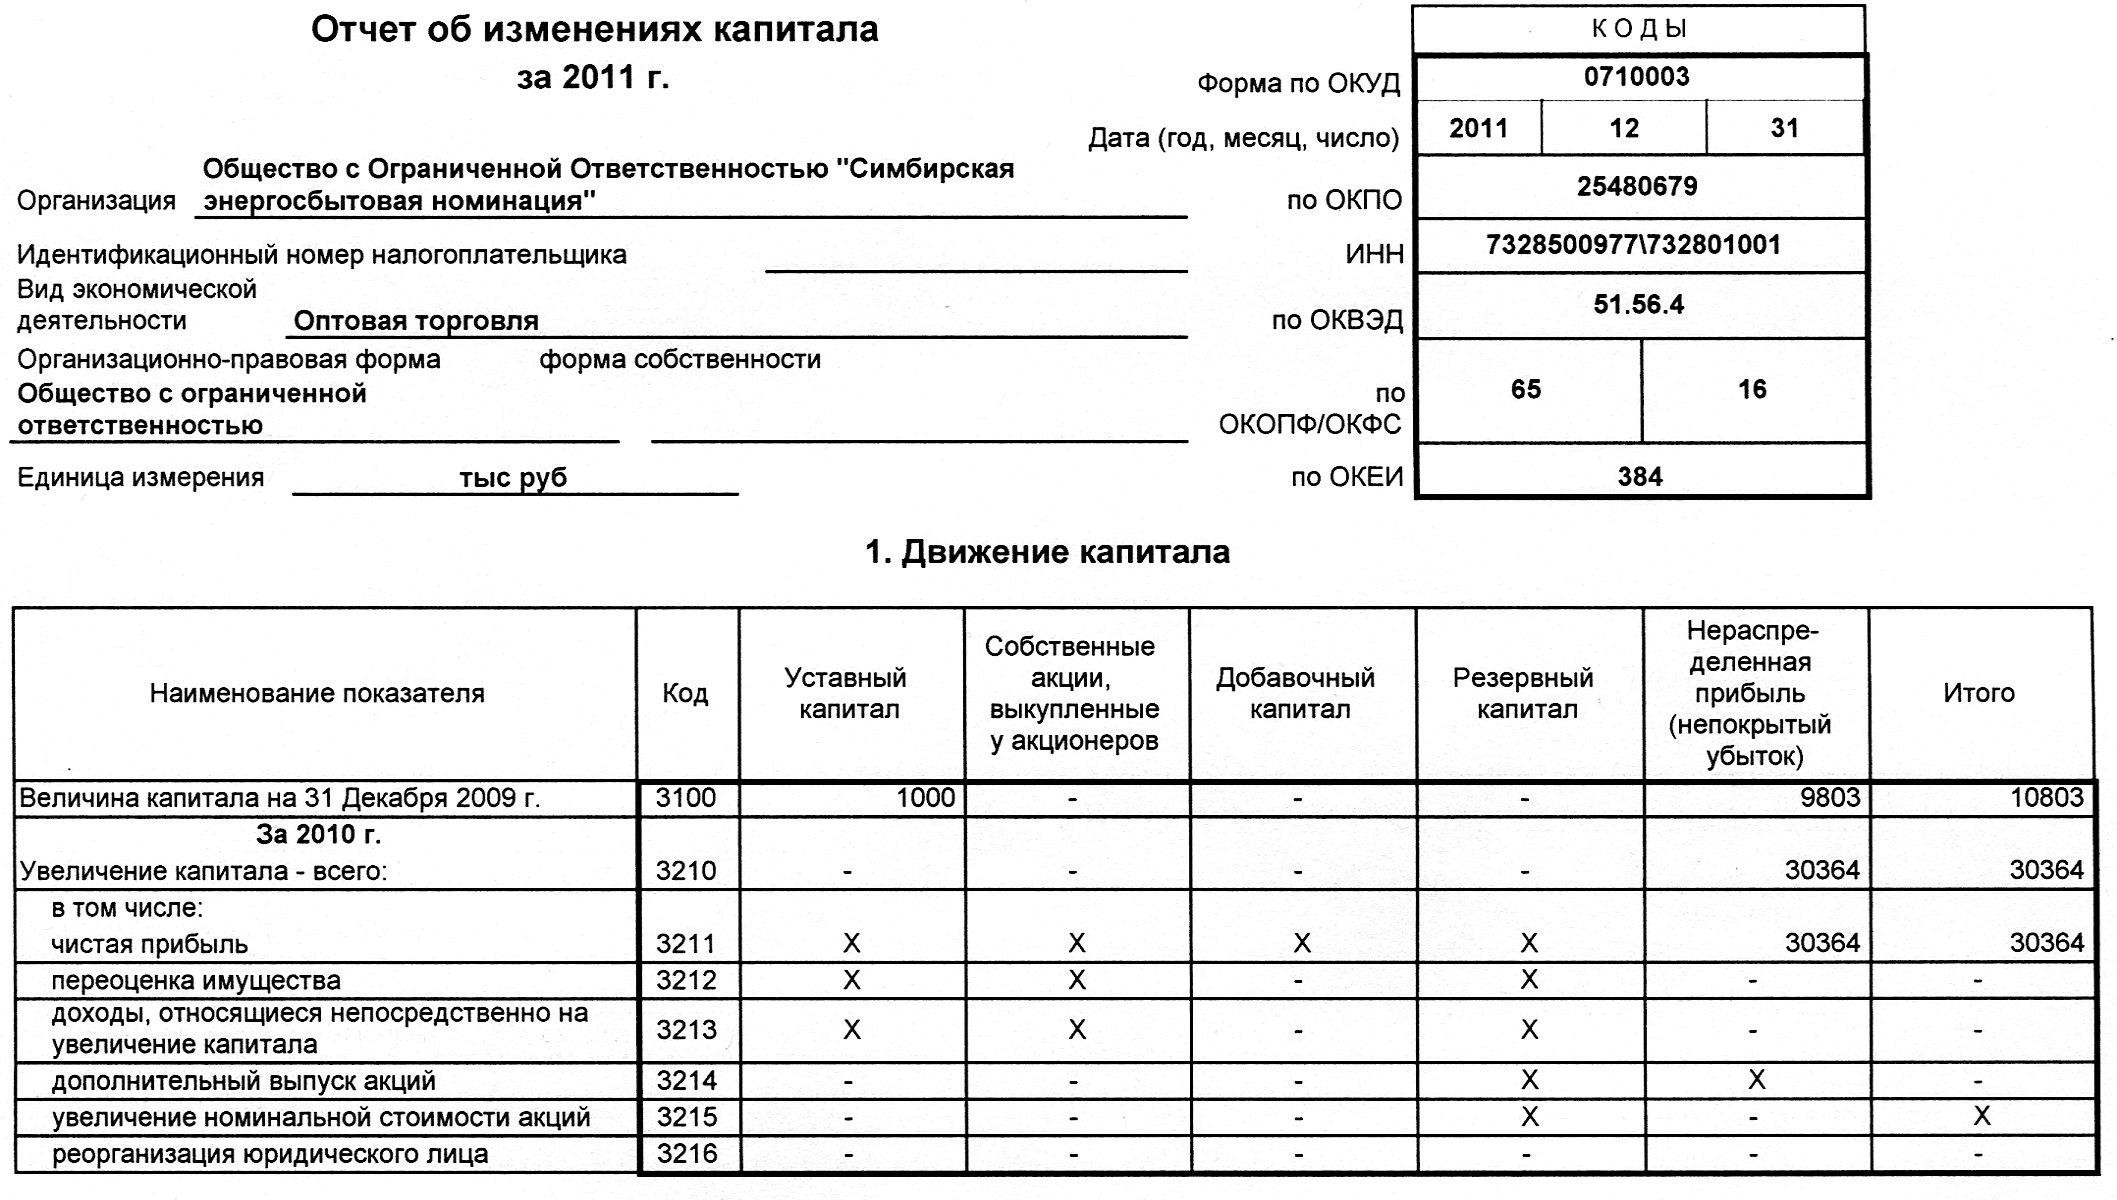 формы отчёта об изменениях капитала бланк съедобные